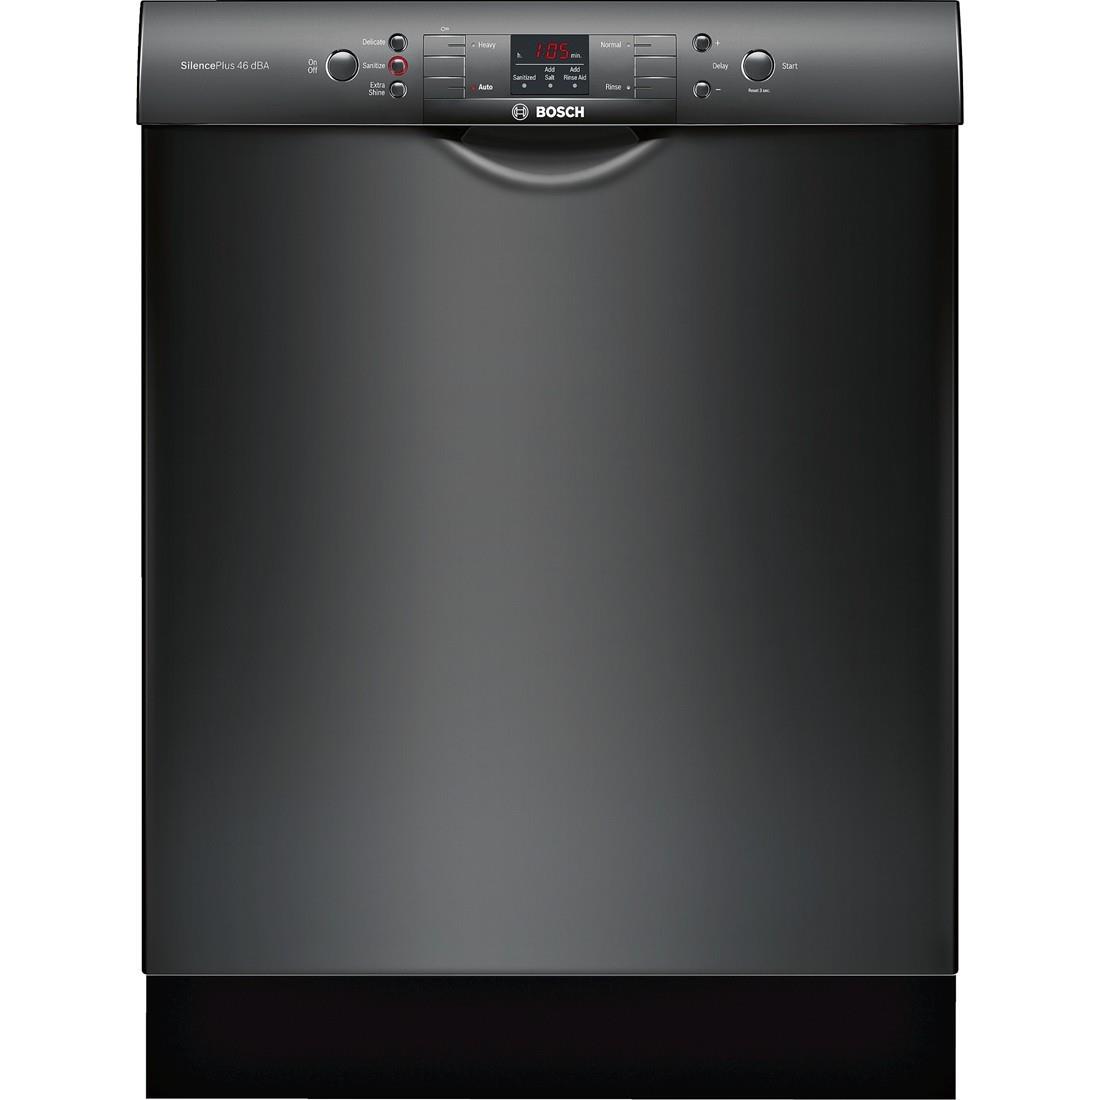 """Bosch Dishwashers 24"""" Built-In Dishwasher - Item Number: SGE53U56UC"""